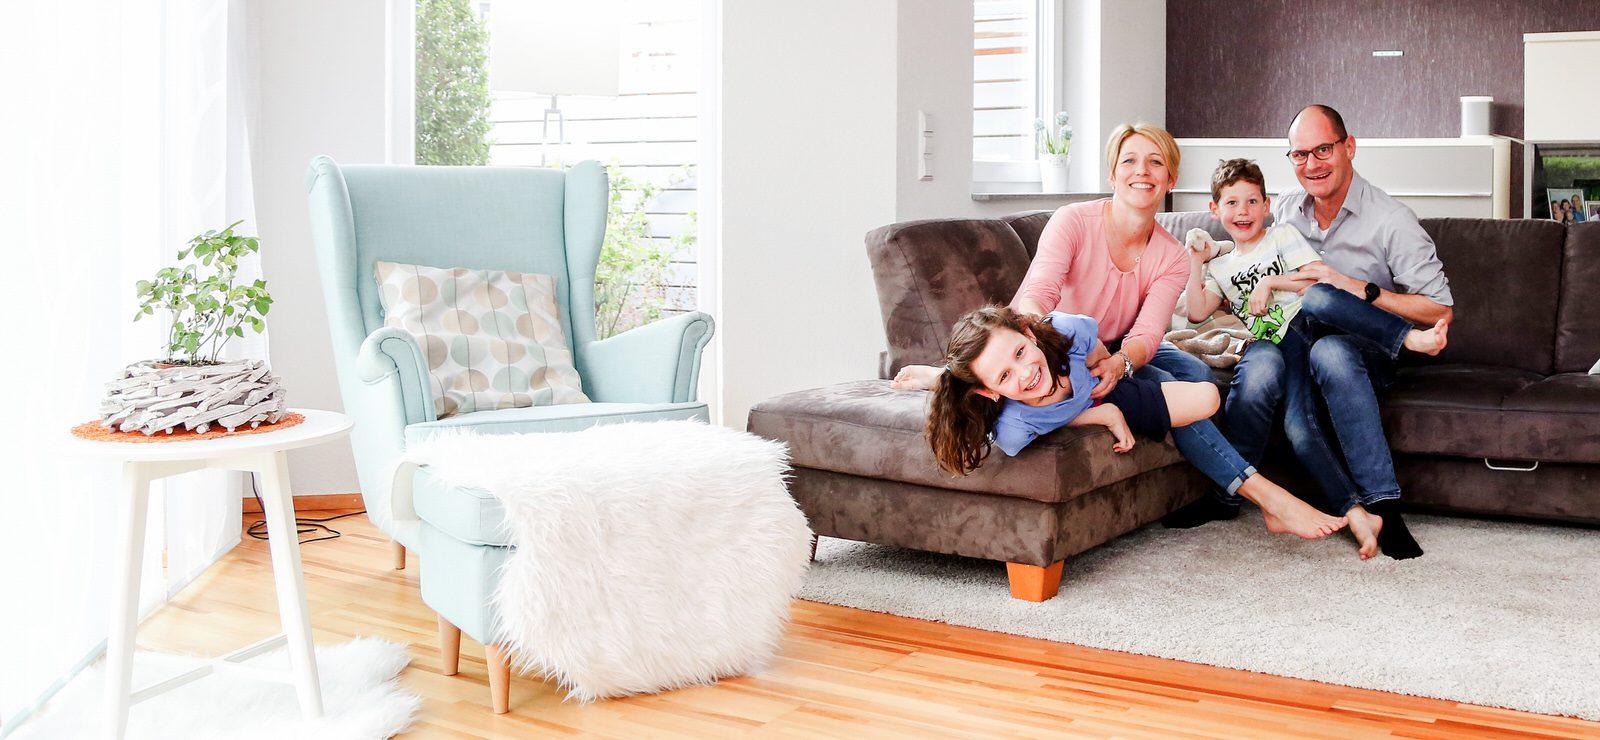 Vierköpfige Familie zu Hause auf Sofa